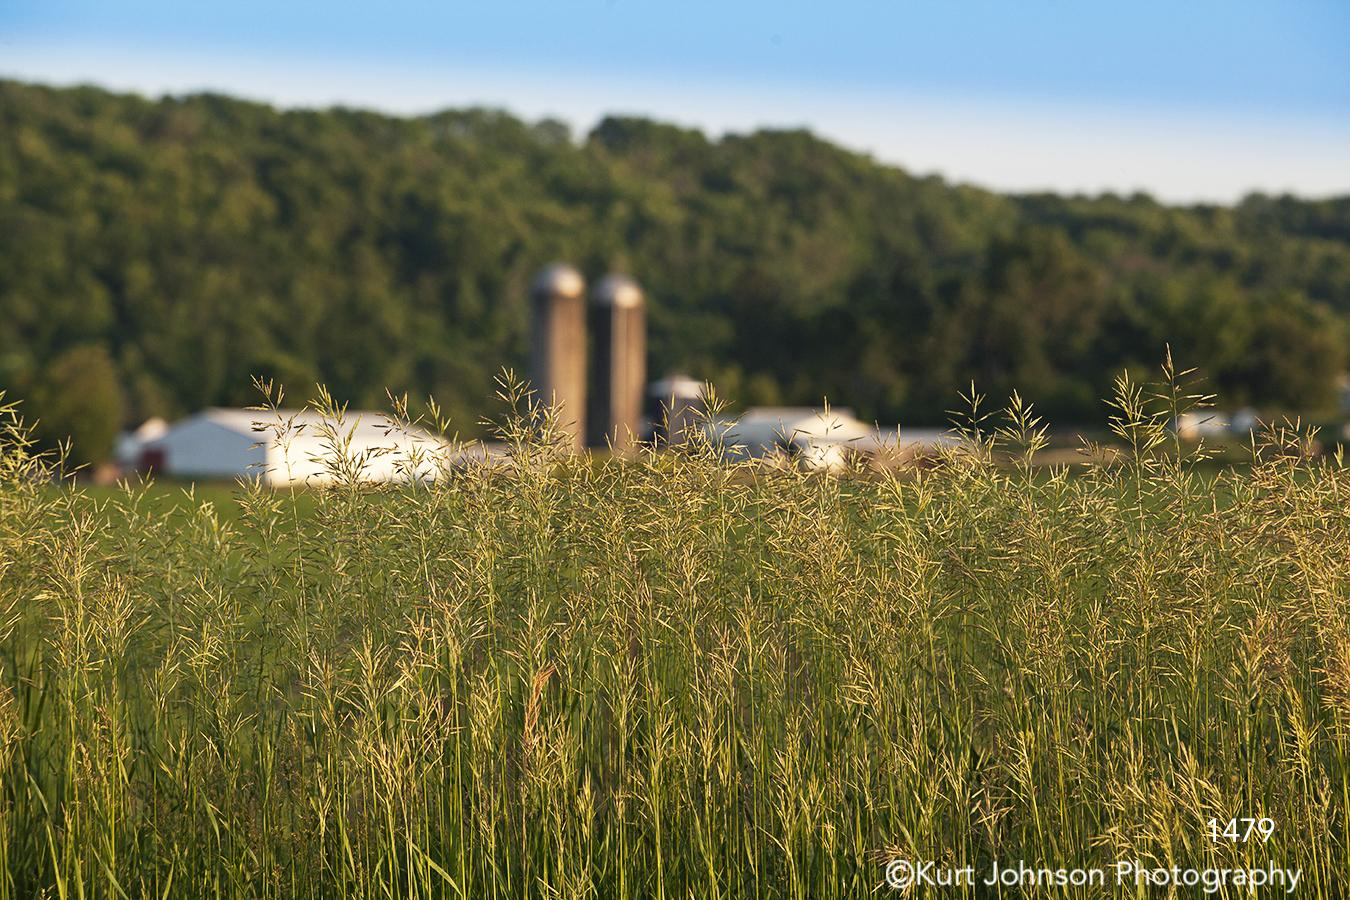 landscape grasses farm midwest